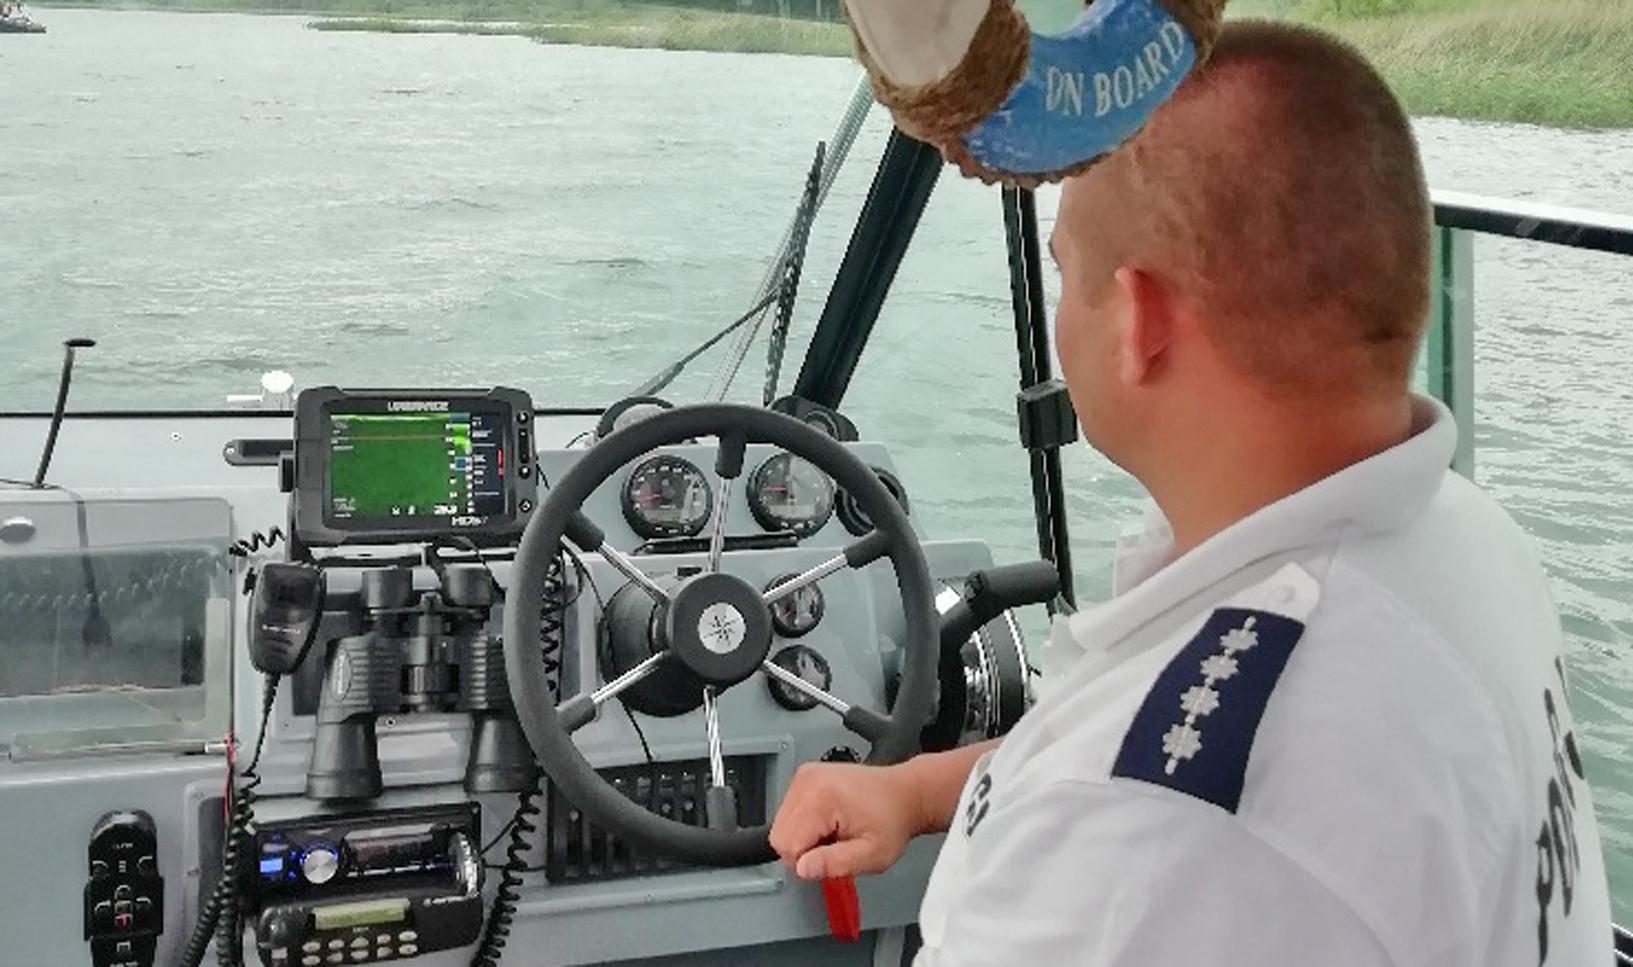 22-latek z Woli Raniżowskiej utonął w Jeziorze Tarnobrzeskim [ZDJĘCIA] - Zdjęcie główne